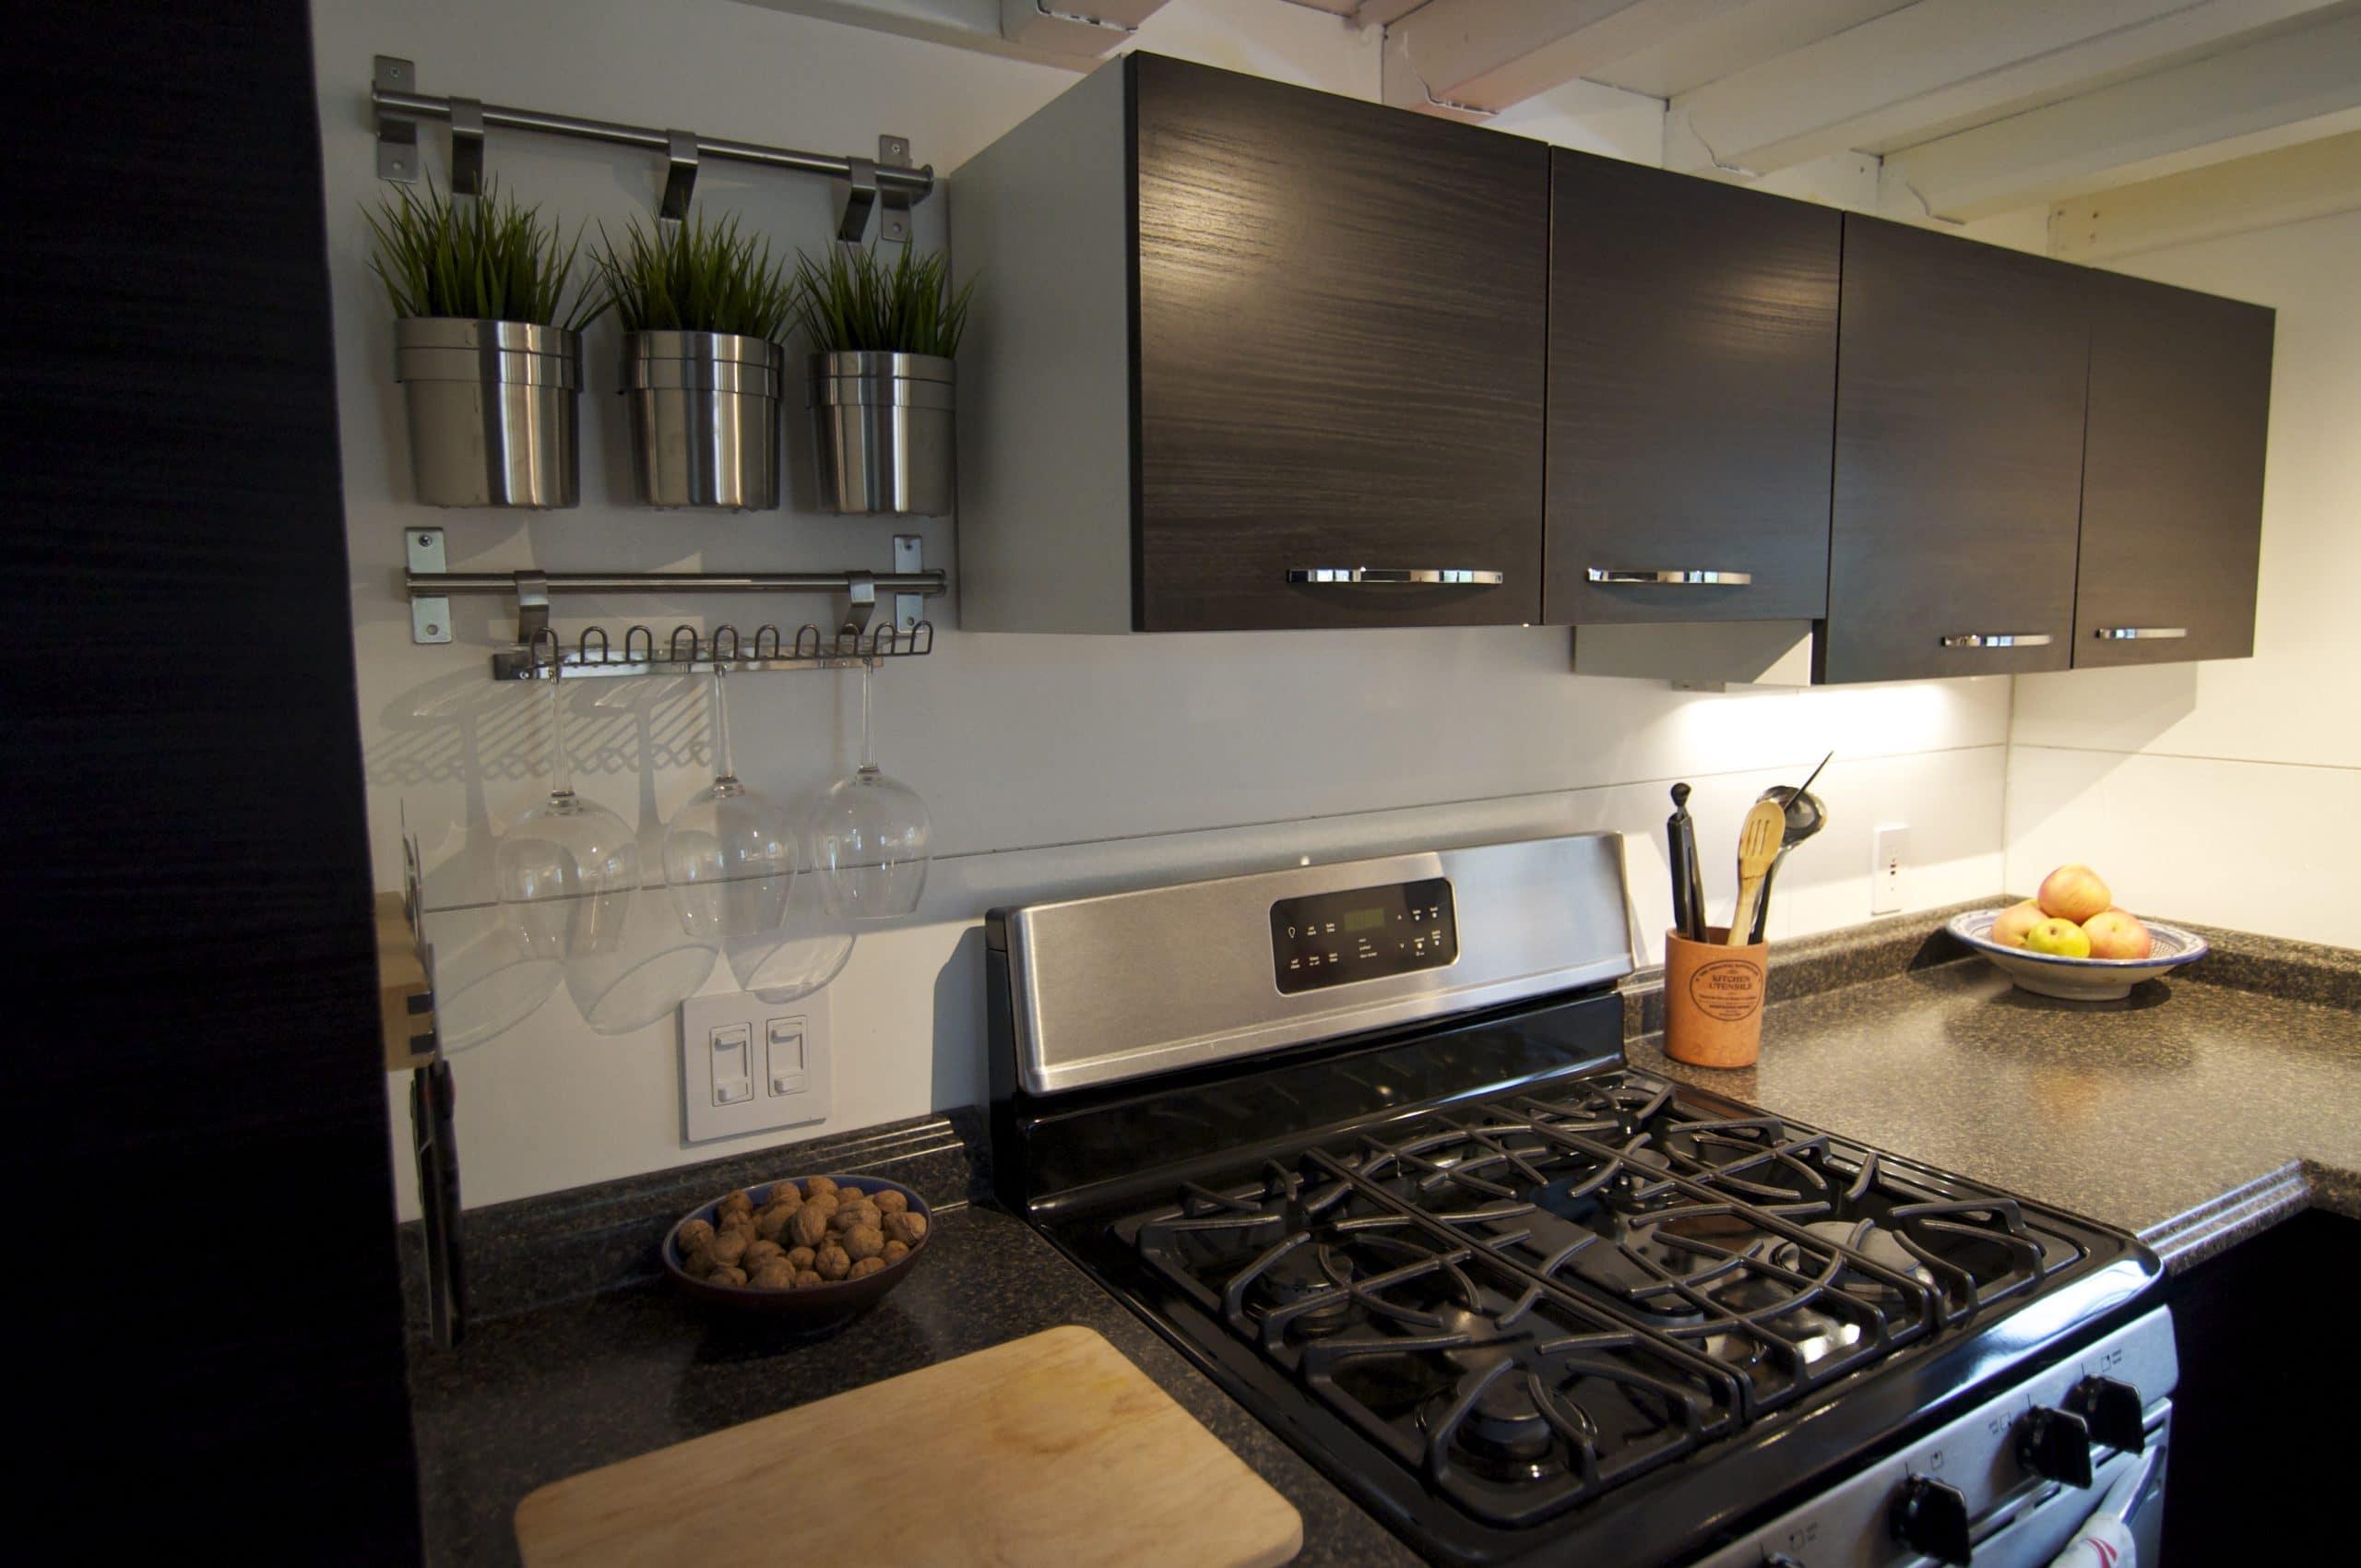 Dise o de casa muy peque a optimizando espacios for Casa minimalista interior cocina